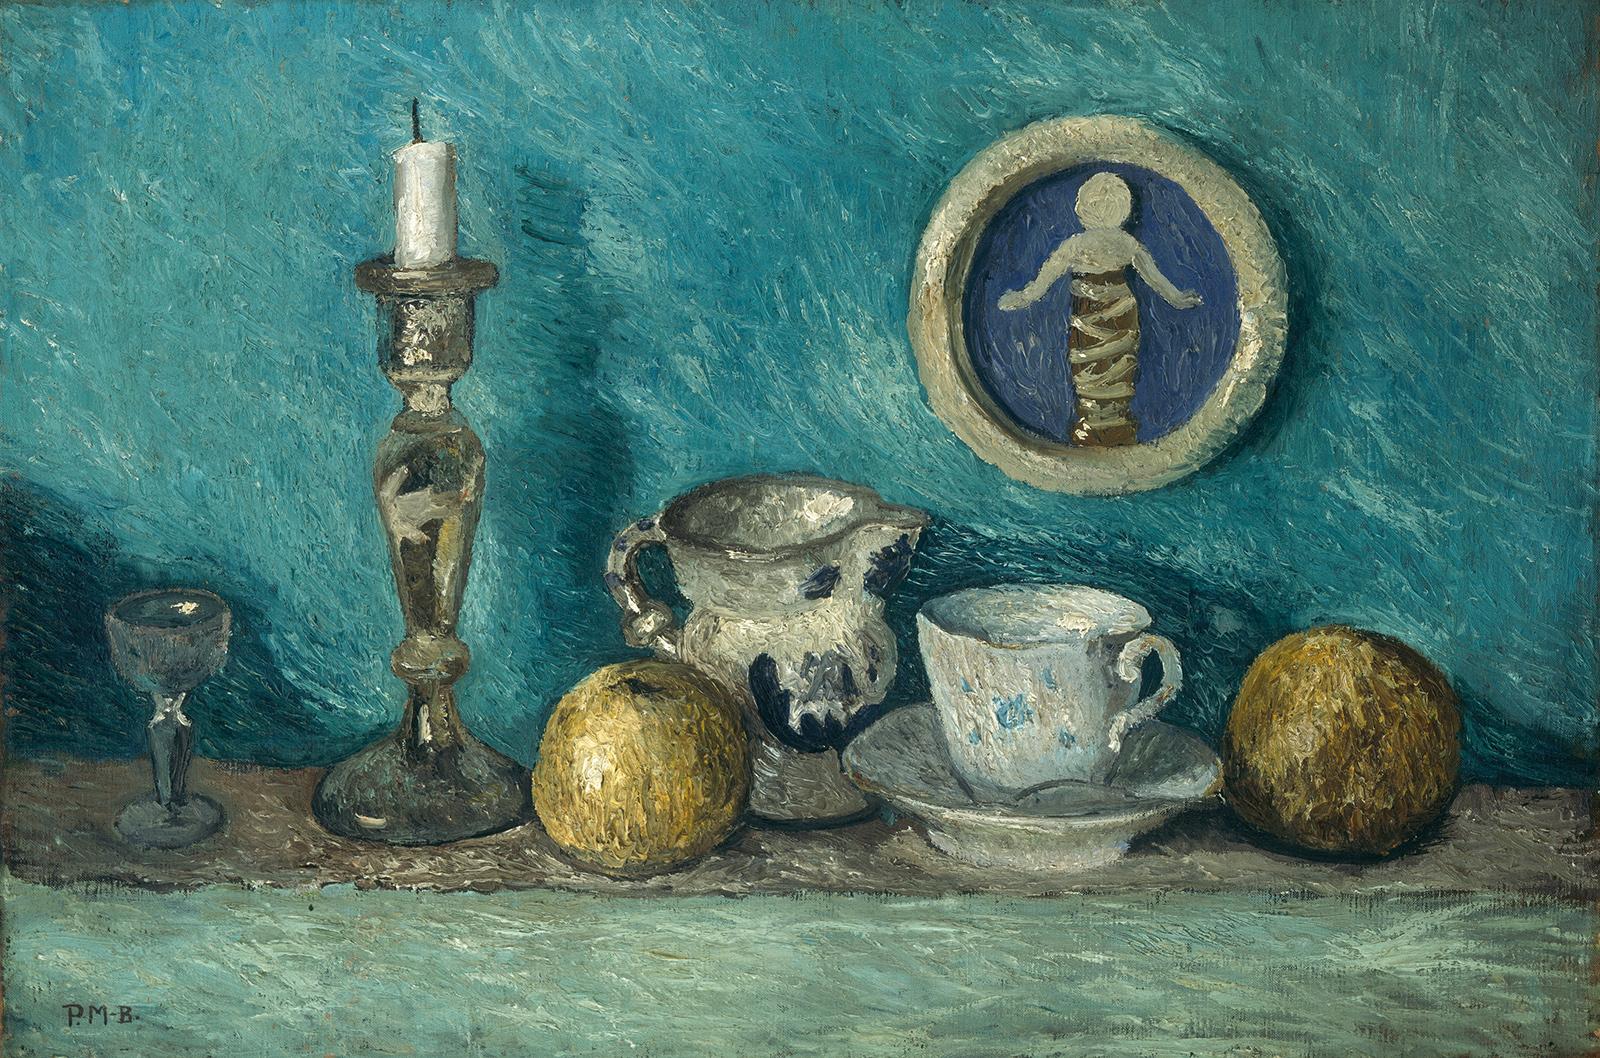 Paula Modersohn-Becker, Stillleben mit Robbia-Putto, um 1905, Öl oder Tempera auf Leinwand, 50 x 75 cm